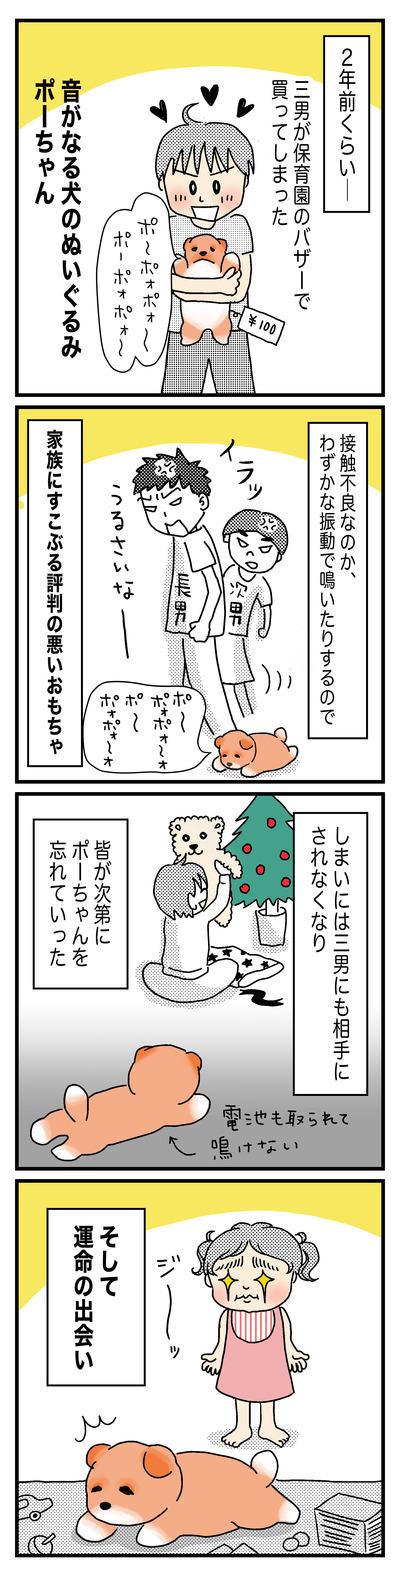 98 ぽーちゃんとの出会い(1才〜1才半)